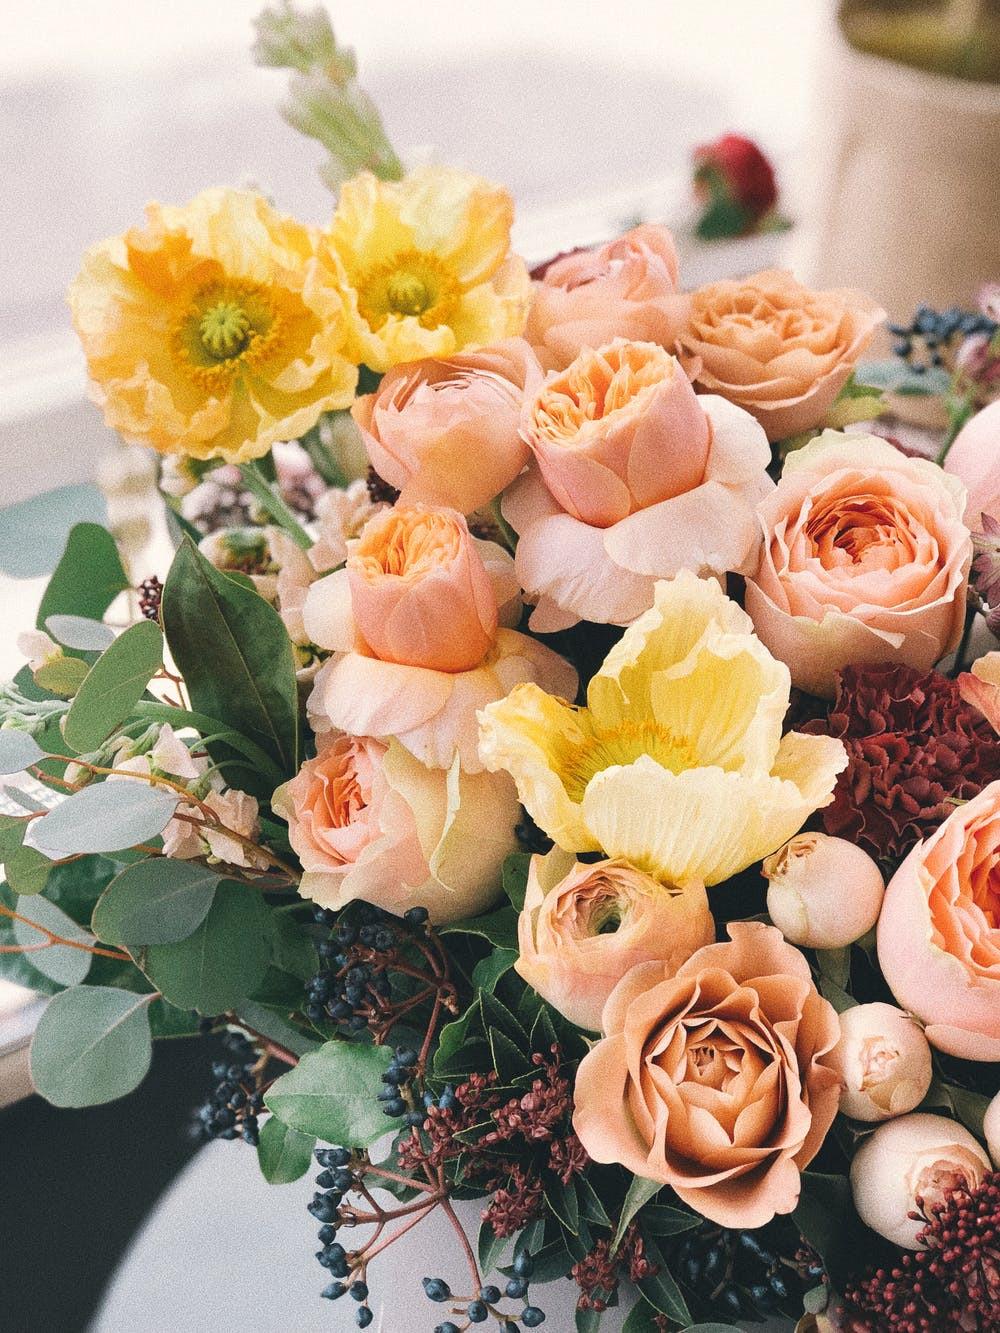 a floral bouquet